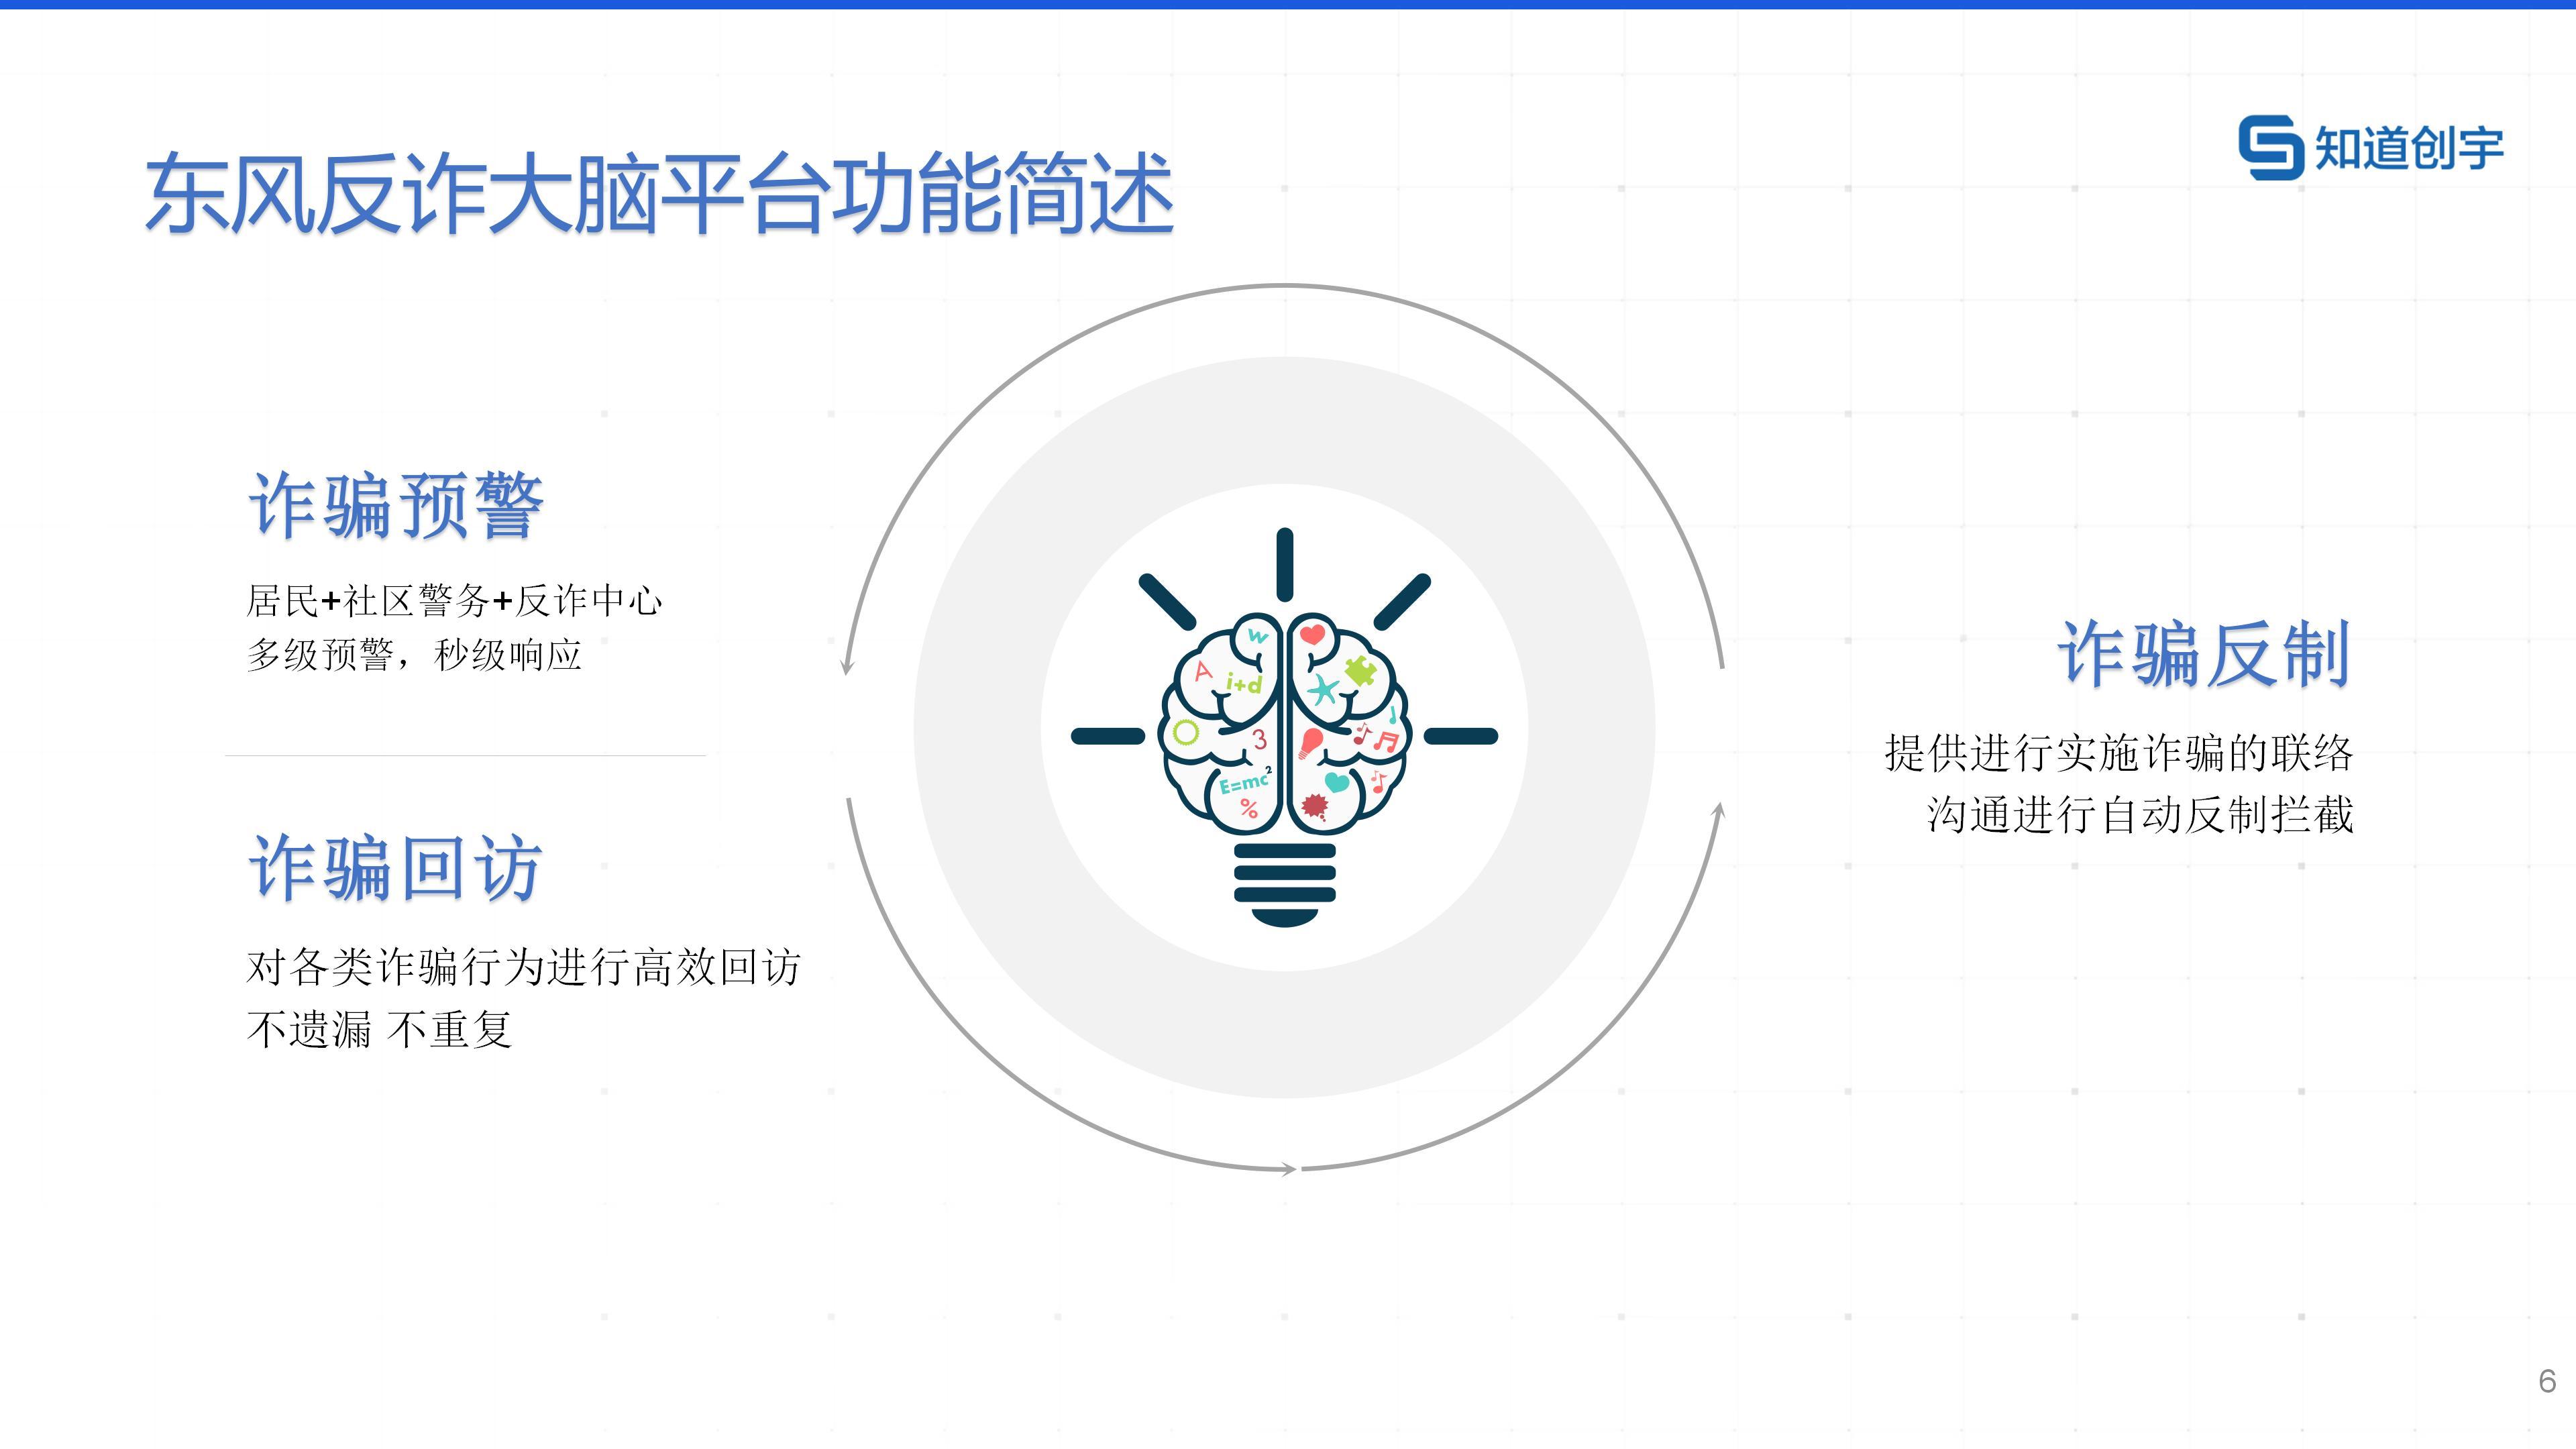 01.知道创宇反诈大脑预警SAAS平台产品白皮书_20210224_06.jpg